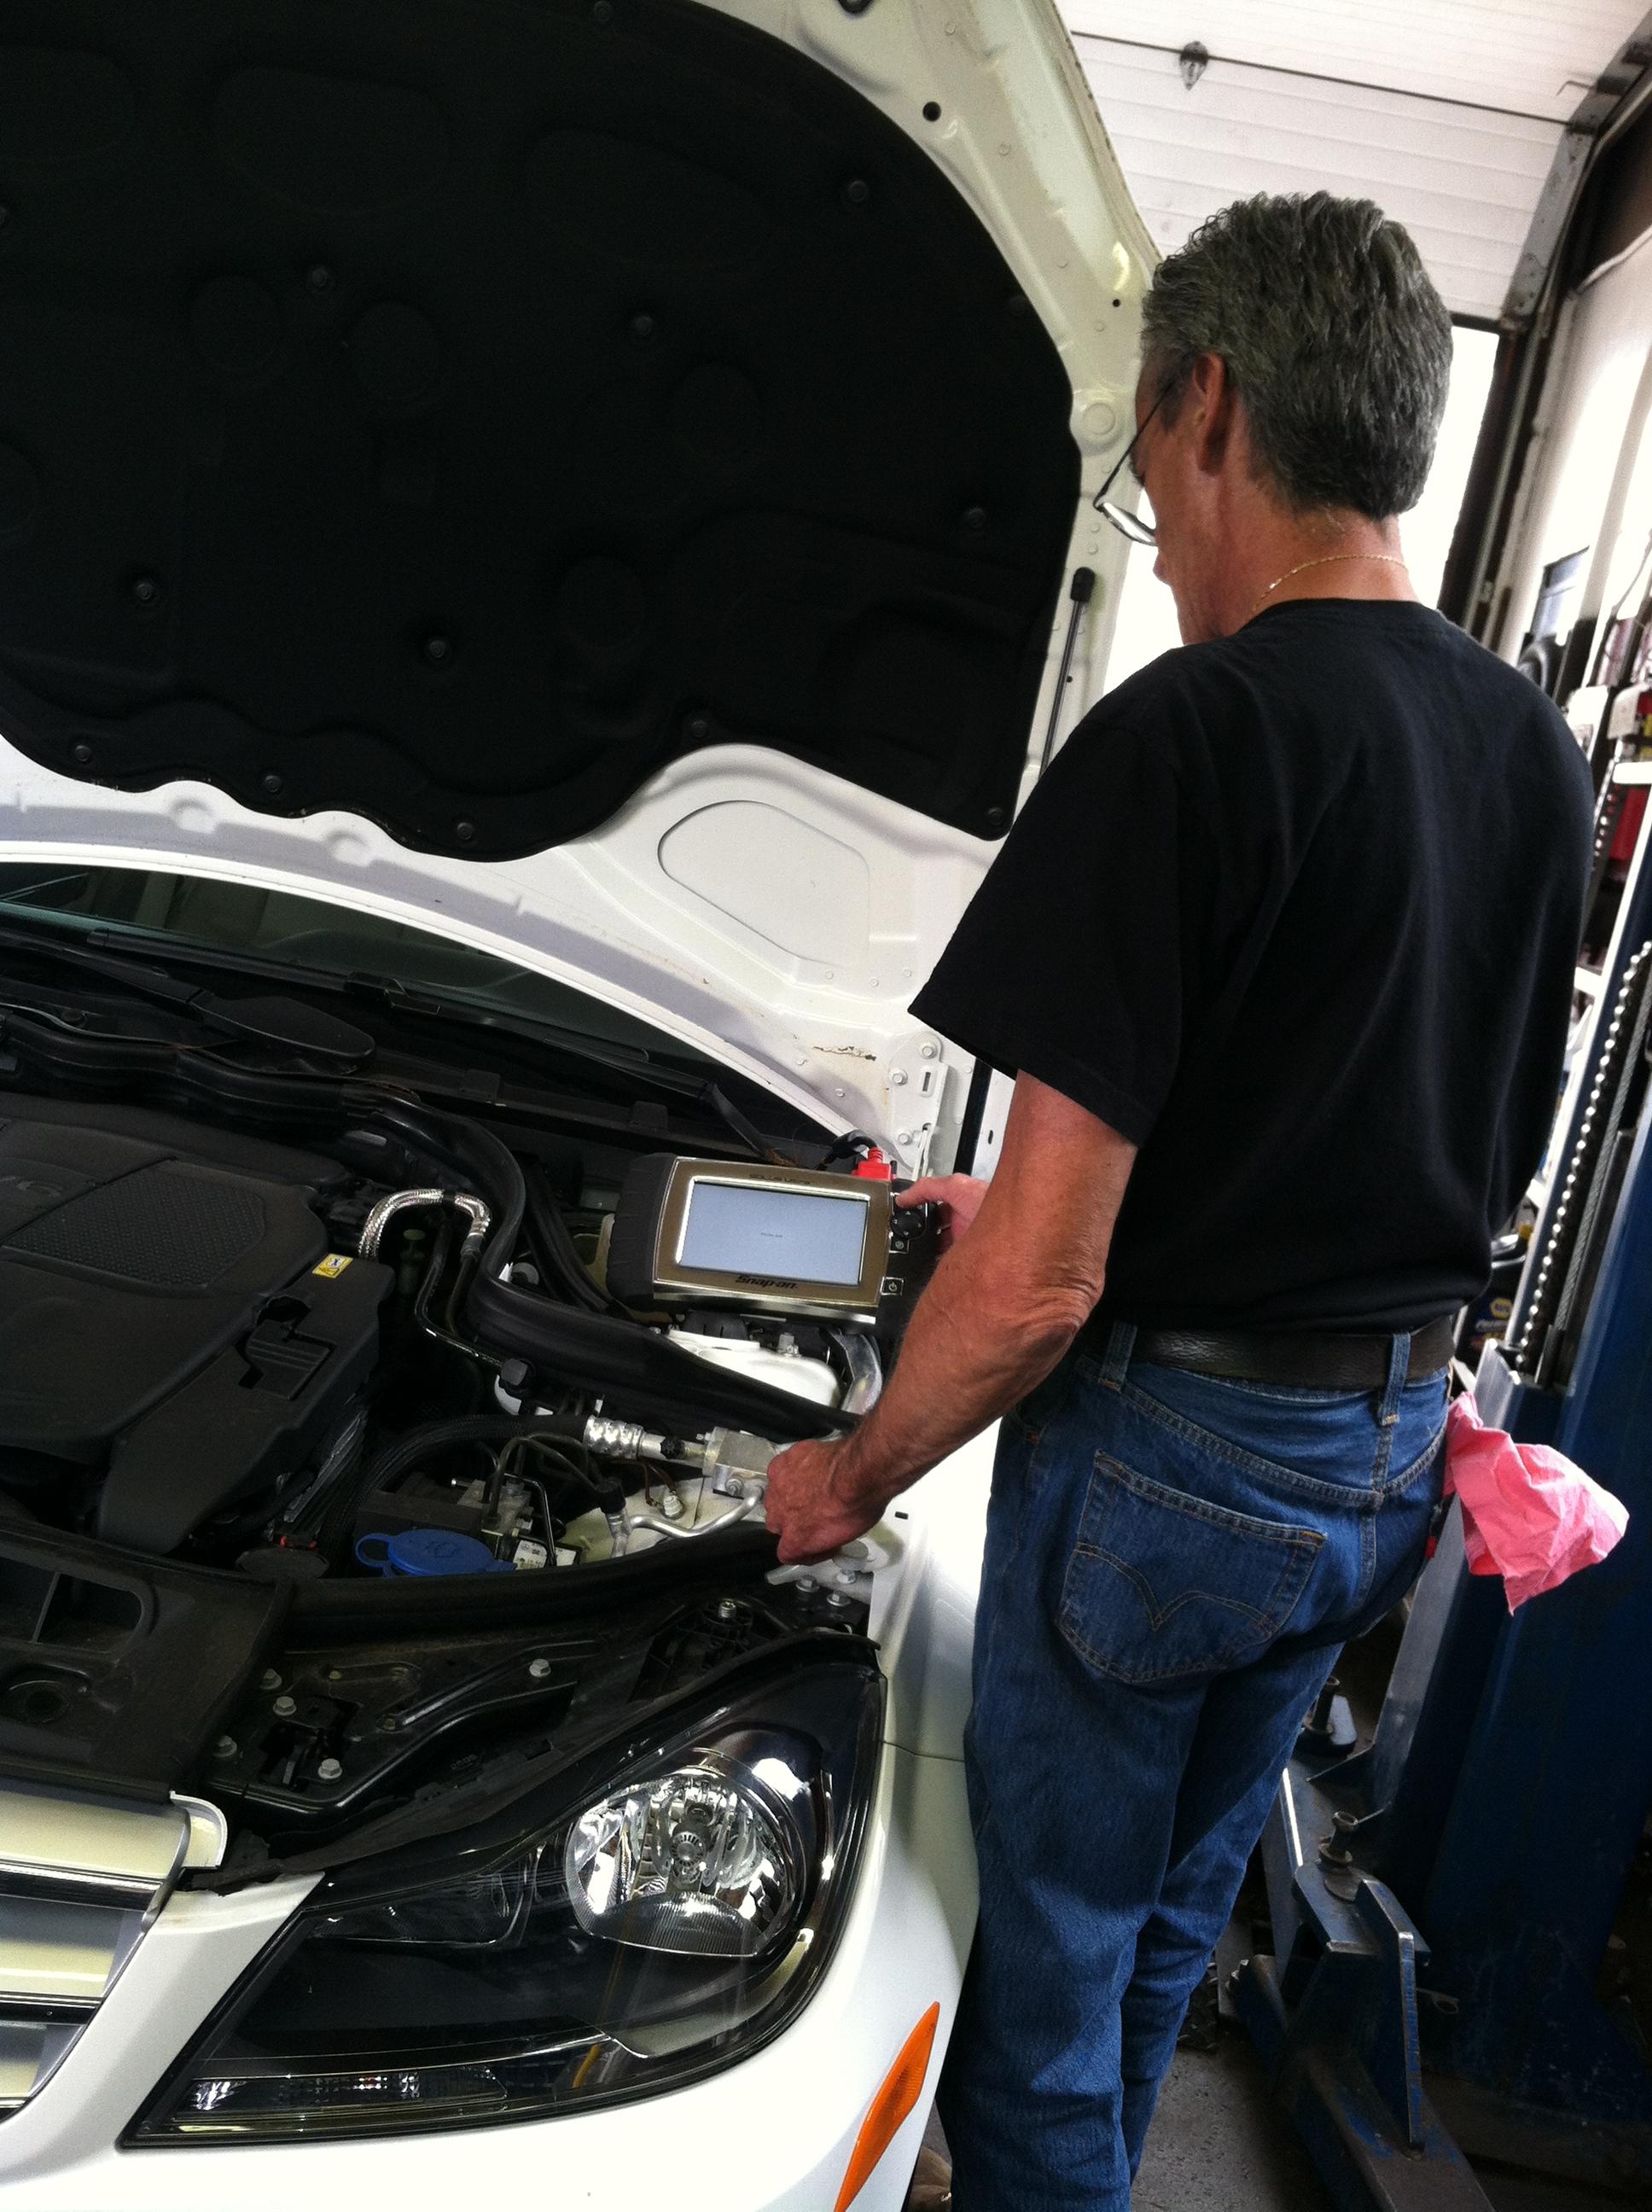 European Auto Repair Services - Lincoln Ave Auto ...